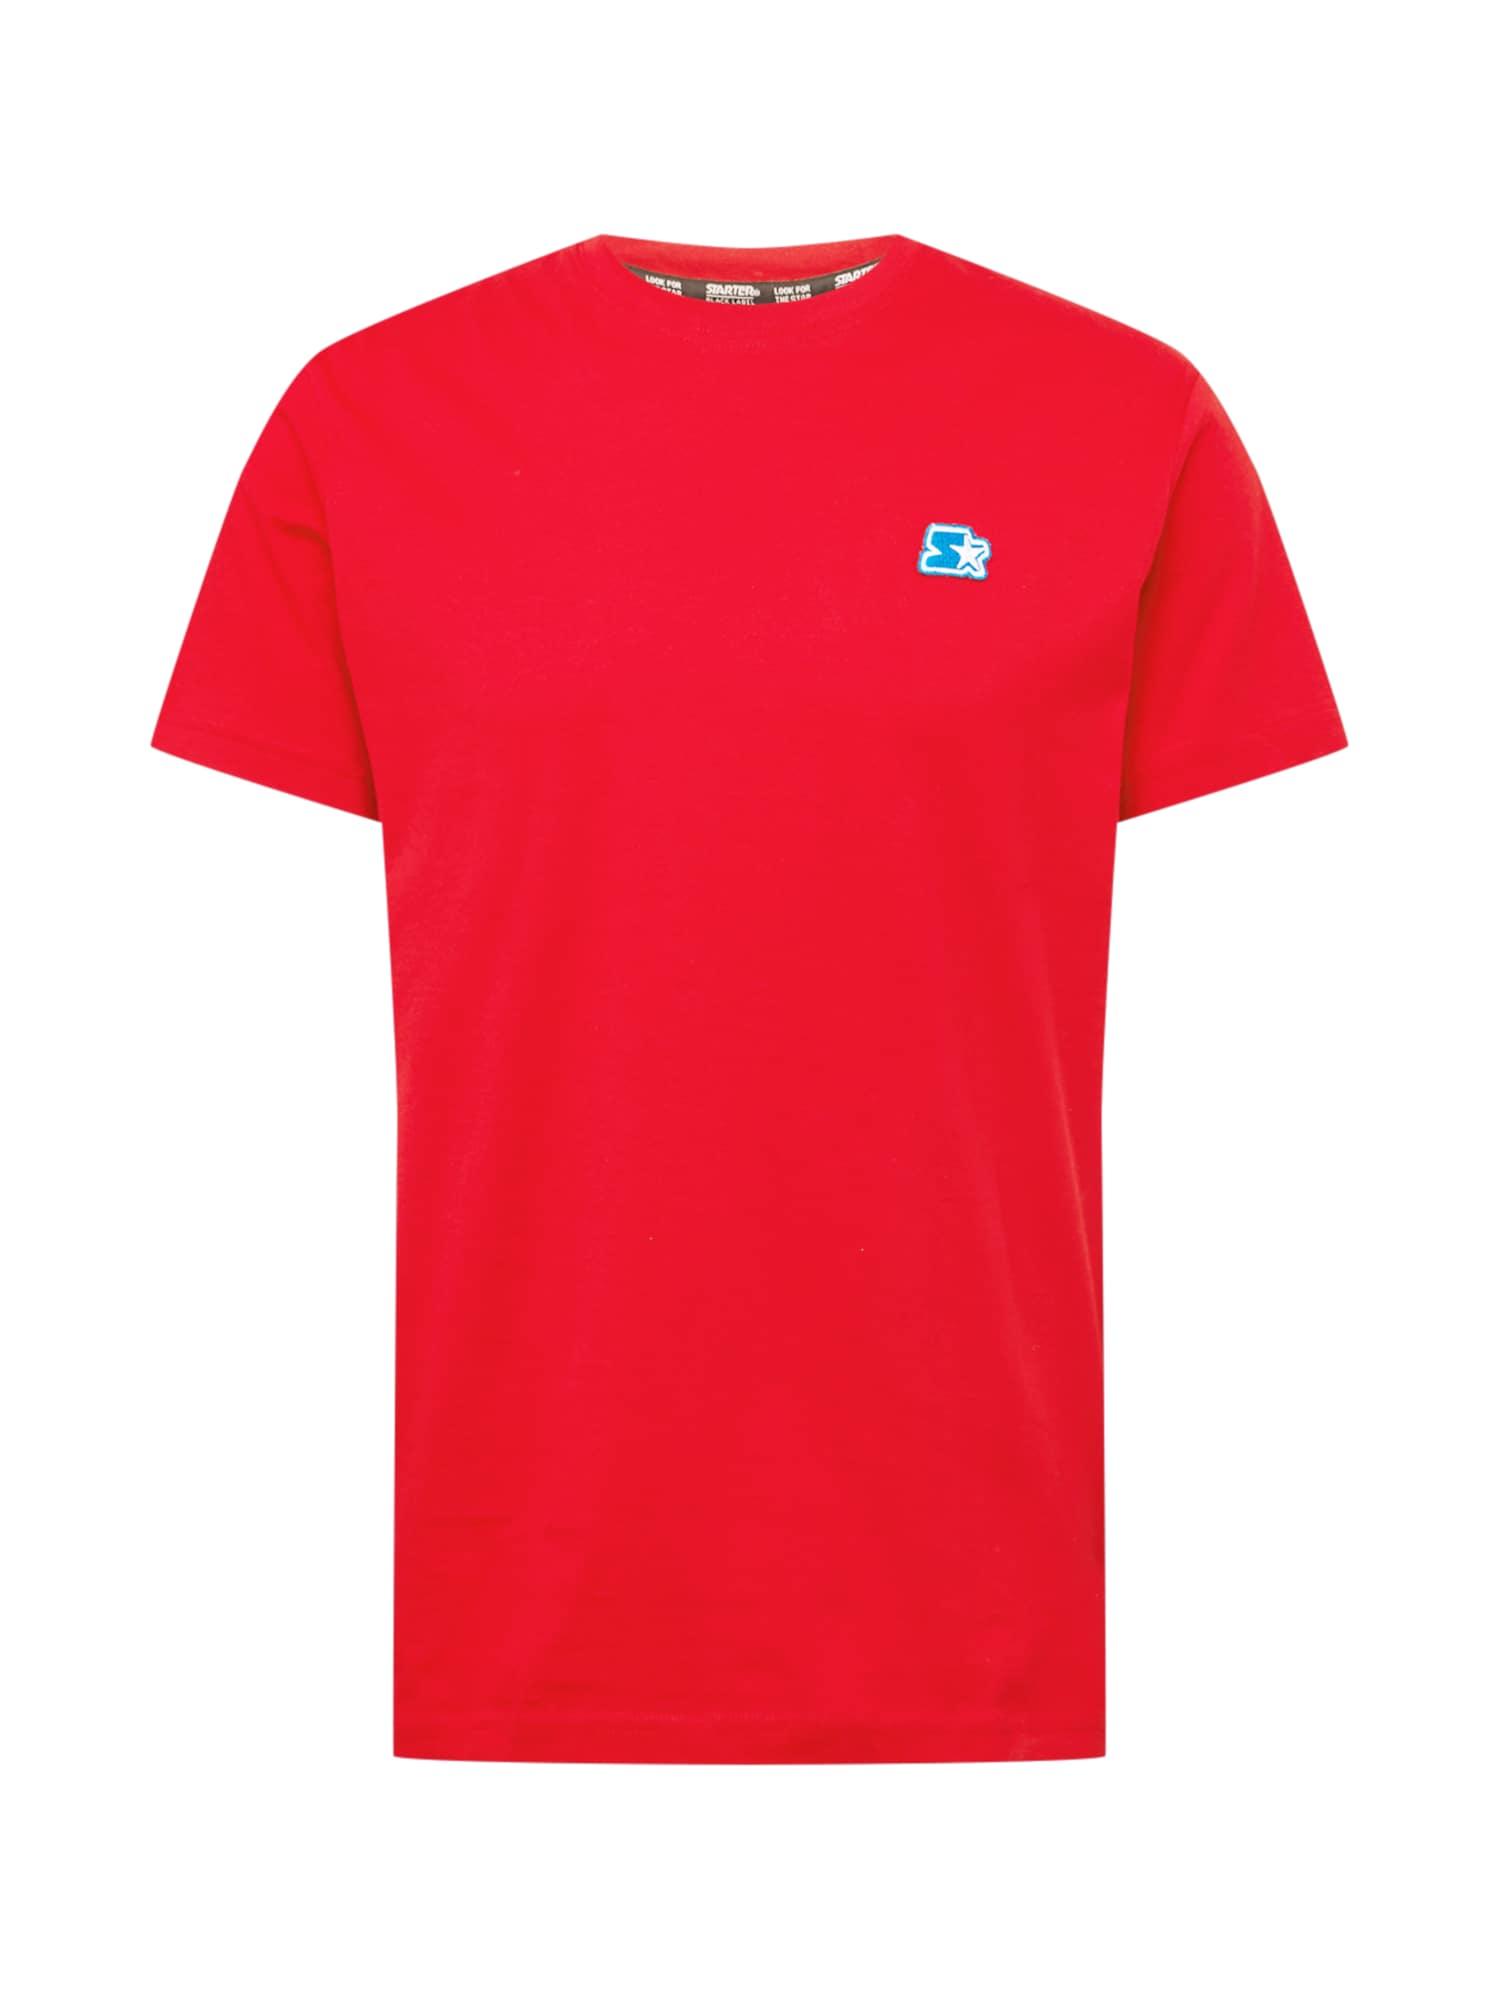 Starter Black Label Marškinėliai balta / ugnies raudona / turkio spalva